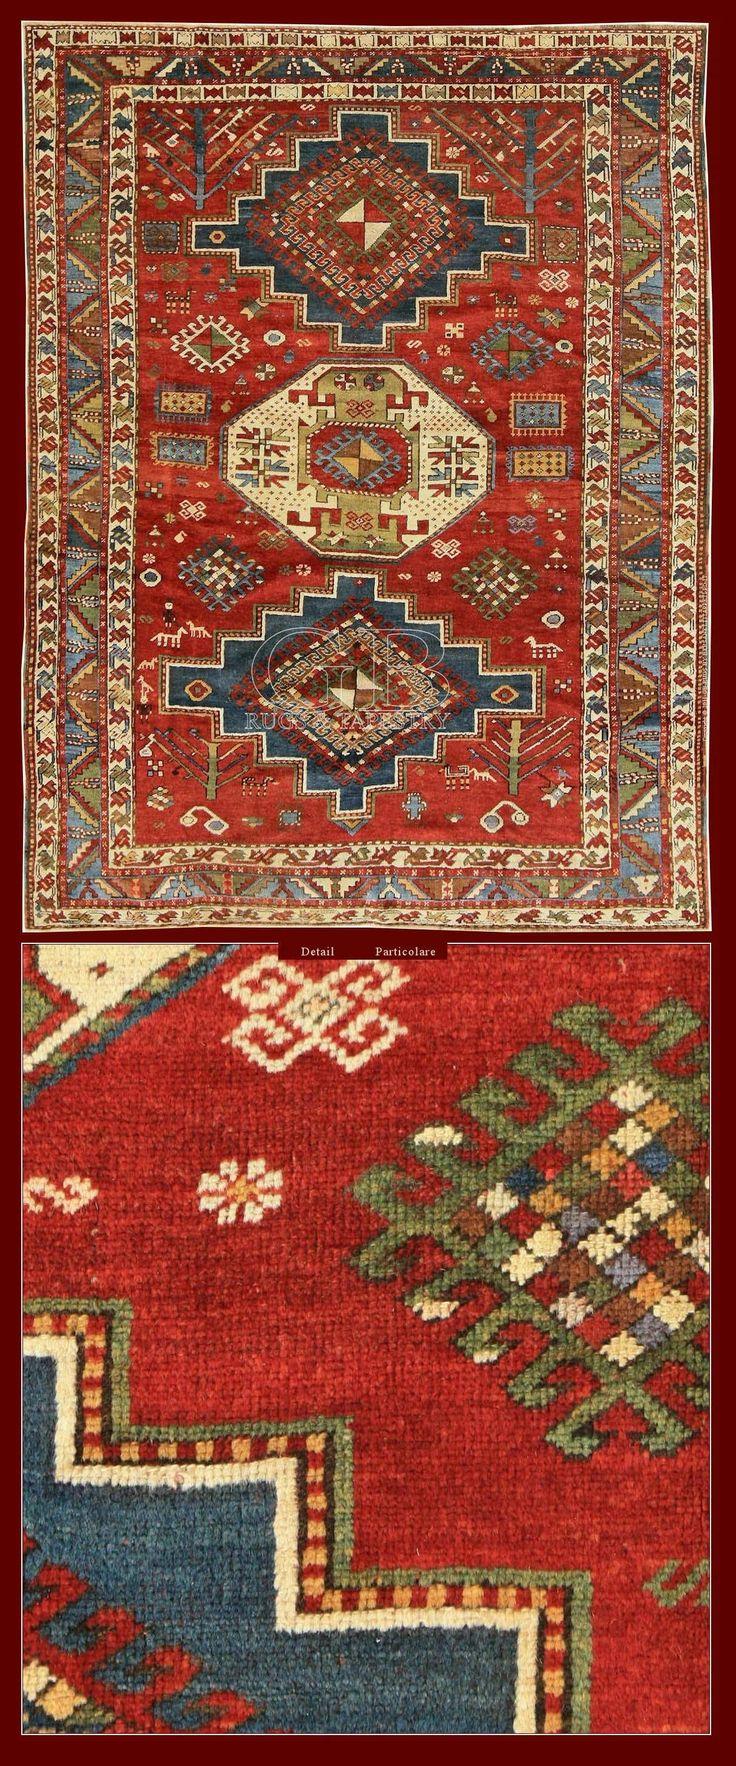 LORI-PAMPAK KAZAK RUG, LORI-PAMPAK KAZAK RUG 250 x 200 | 140907663161 | GB Rugs